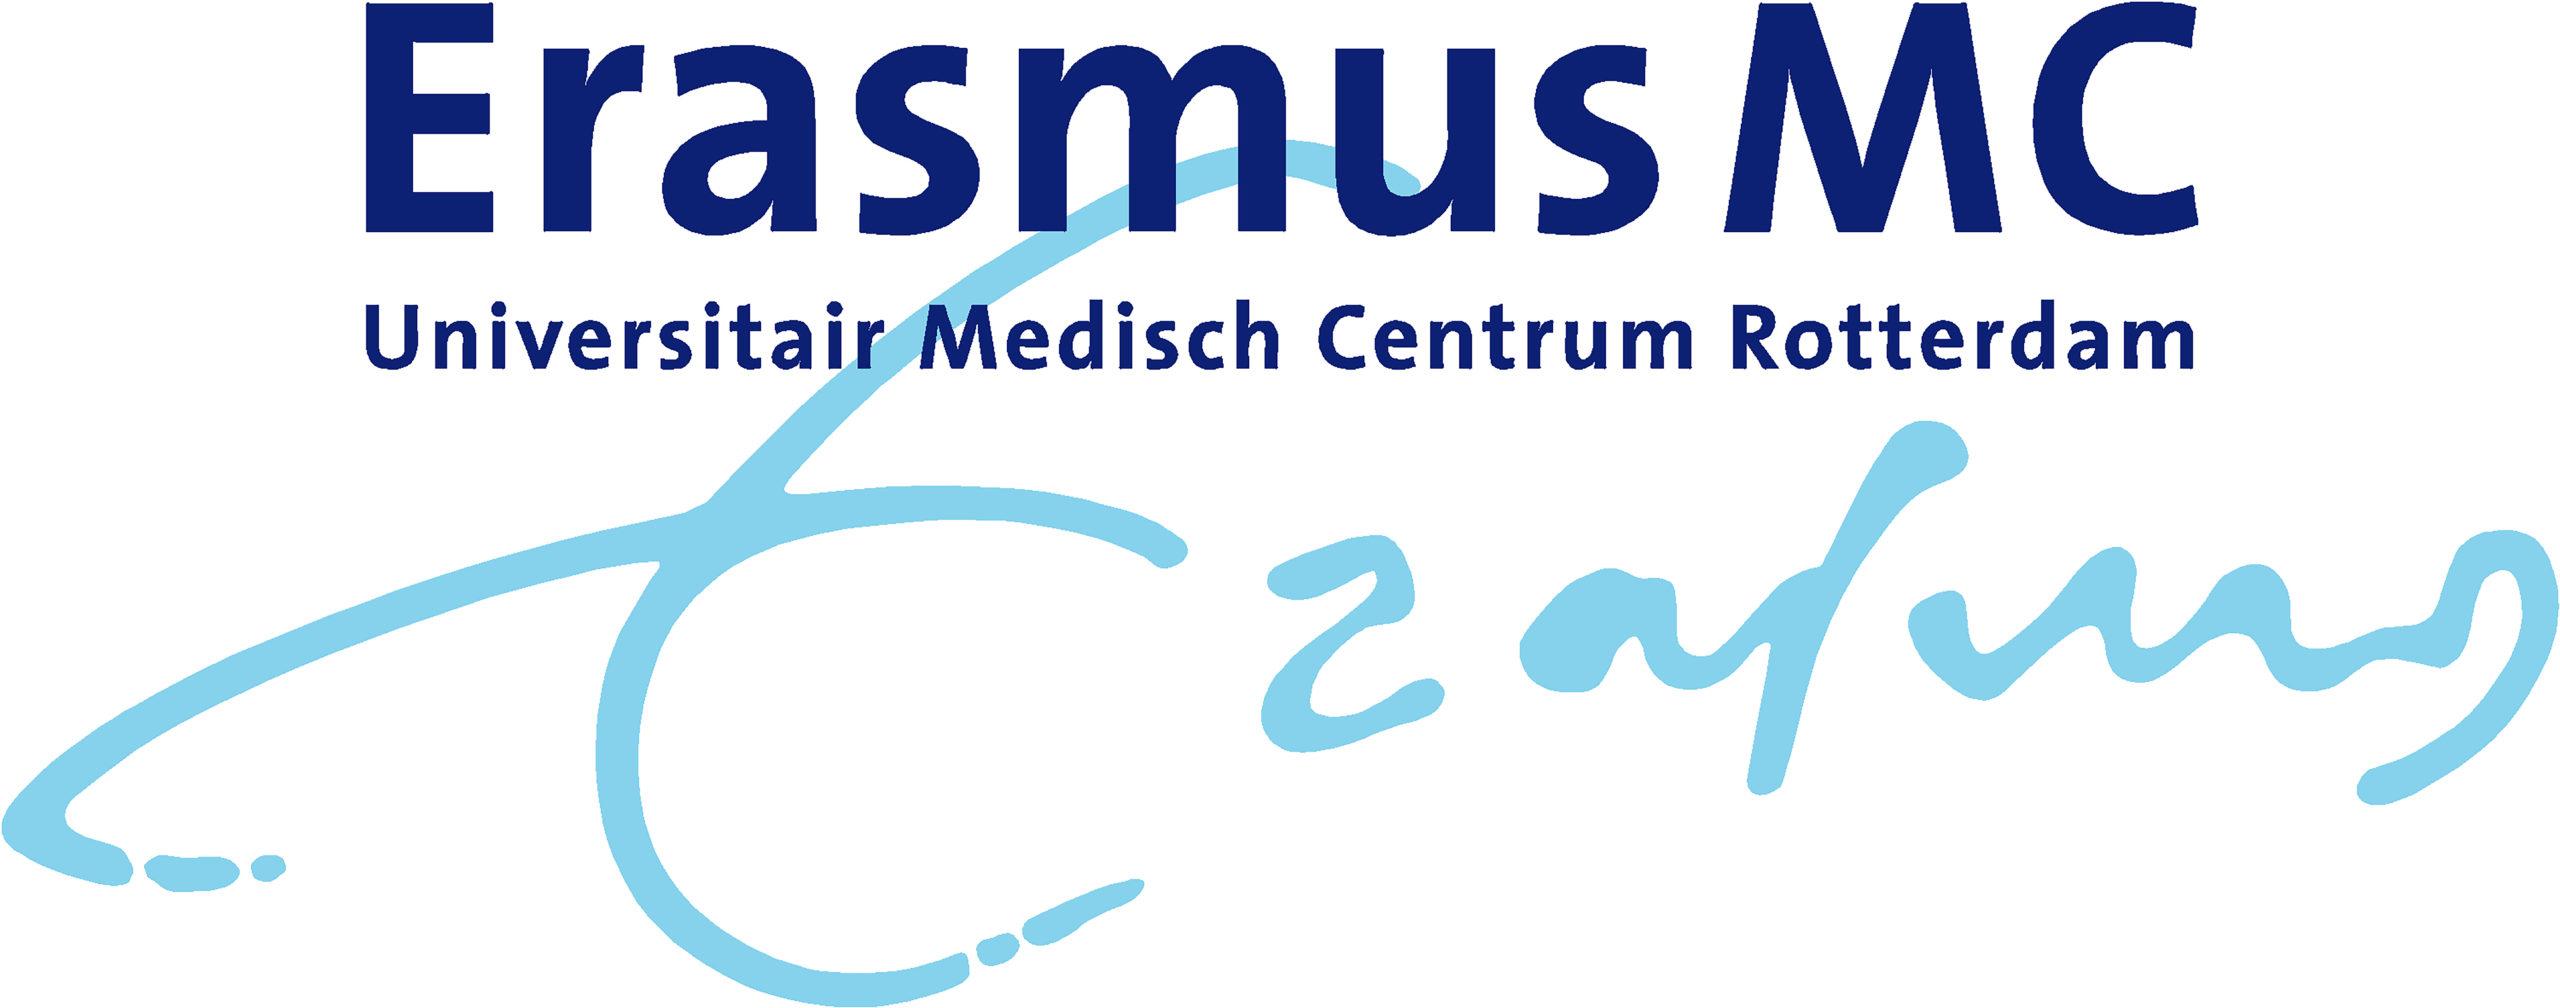 Erasmus ziekenhuis logo